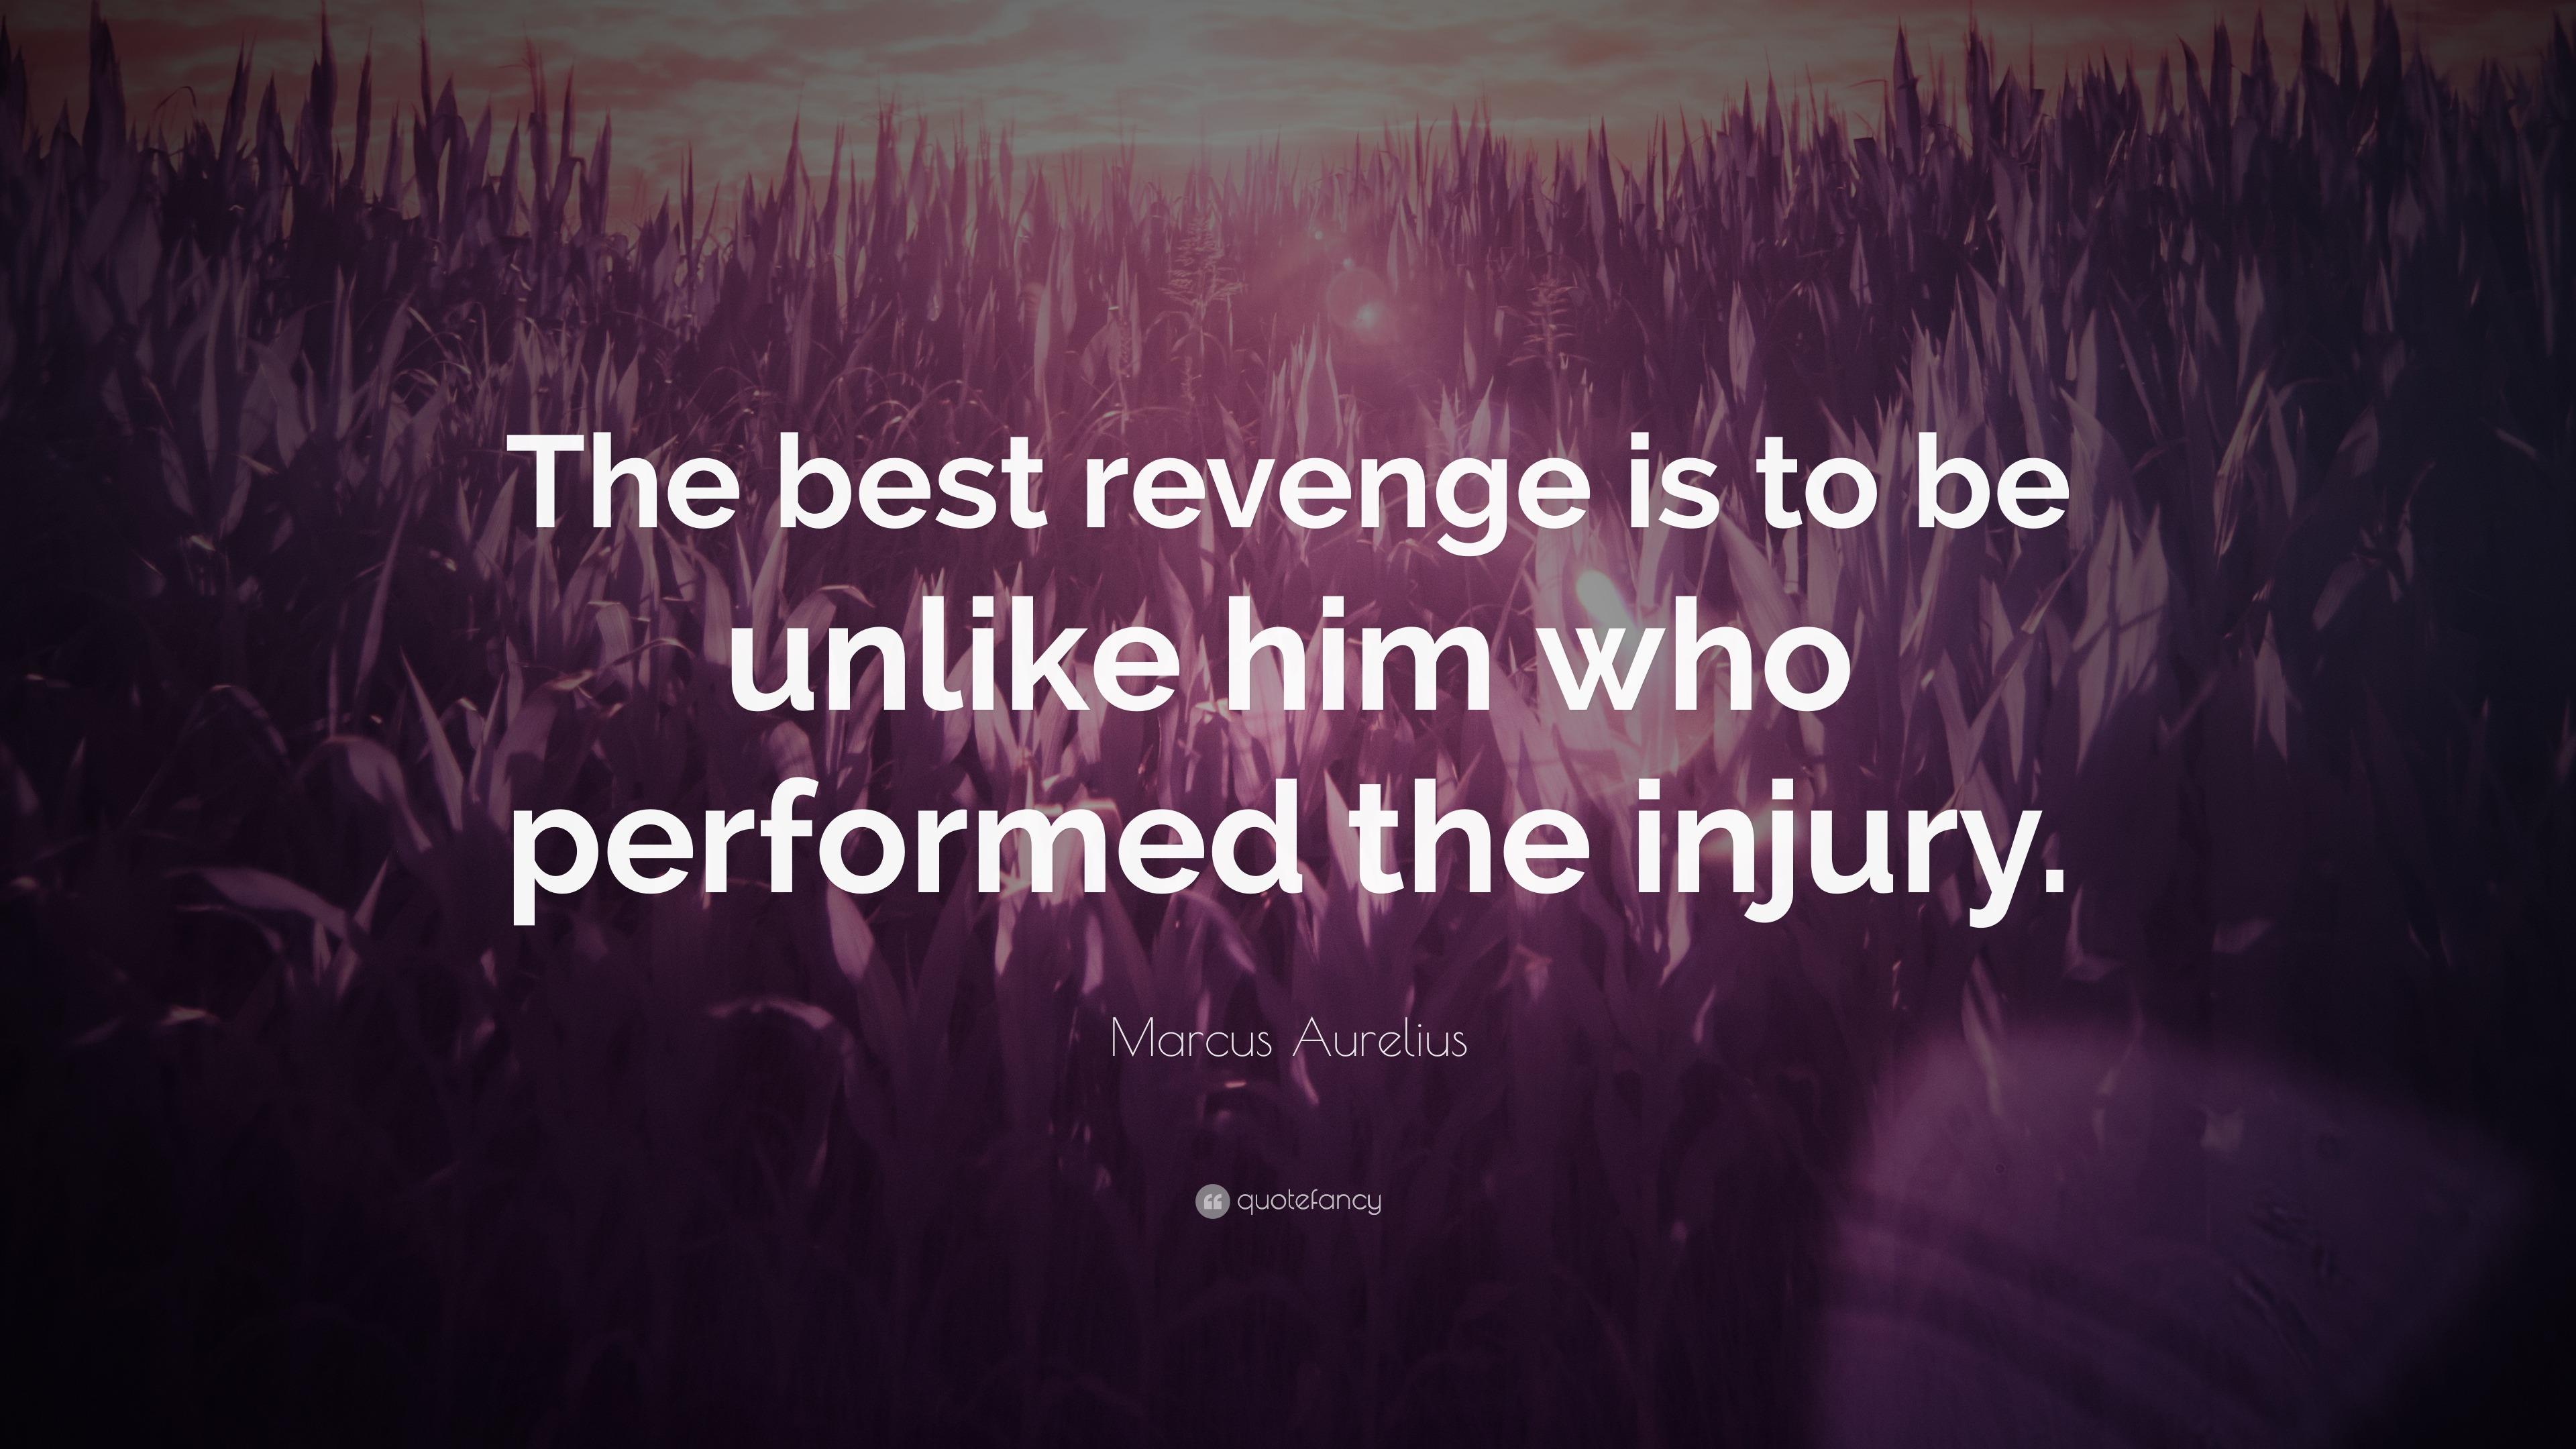 Dalai Lama Wallpaper Quotes Marcus Aurelius Quote The Best Revenge Is To Be Unlike